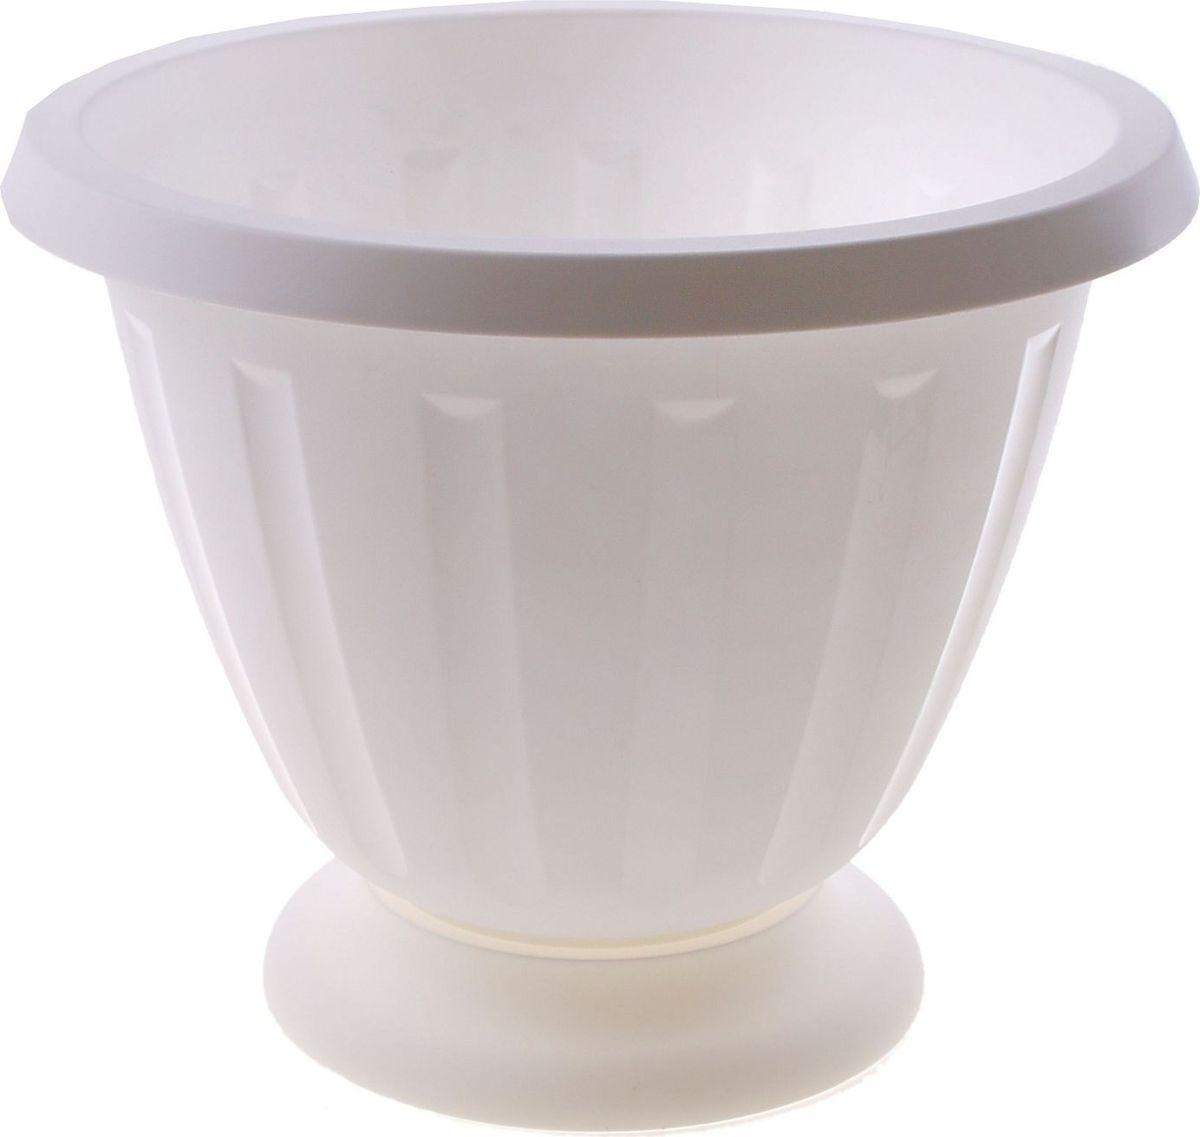 Вазон Альтернатива Пальмира, цвет: белый, 10 л531-105Любой, даже самый современный и продуманный интерьер будет не завершённым без растений. Они не только очищают воздух и насыщают его кислородом, но и заметно украшают окружающее пространство. Такому полезному члену семьи просто необходимо красивое и функциональное кашпо, оригинальный горшок или необычная ваза! Мы предлагаем - Вазон 10 л Пальмира, цвет белый! Оптимальный выбор материала пластмасса! Почему мы так считаем? Малый вес. С лёгкостью переносите горшки и кашпо с места на место, ставьте их на столики или полки, подвешивайте под потолок, не беспокоясь о нагрузке. Простота ухода. Пластиковые изделия не нуждаются в специальных условиях хранения. Их легко чистить достаточно просто сполоснуть тёплой водой. Никаких царапин. Пластиковые кашпо не царапают и не загрязняют поверхности, на которых стоят. Пластик дольше хранит влагу, а значит растение реже нуждается в поливе. Пластмасса не пропускает воздух корневой системе растения не грозят резкие перепады температур. Огромный выбор форм, декора и расцветок вы без труда подберёте что-то, что идеально впишется в уже существующий интерьер. Соблюдая нехитрые правила ухода, вы можете заметно продлить срок службы горшков, вазонов и кашпо из пластика: всегда учитывайте размер кроны и корневой системы растения (при разрастании большое растение способно повредить маленький горшок)берегите изделие от воздействия прямых солнечных лучей, чтобы кашпо и горшки не выцветалидержите кашпо и горшки из пластика подальше от нагревающихся поверхностей. Создавайте прекрасные цветочные композиции, выращивайте рассаду или необычные растения, а низкие цены позволят вам не ограничивать себя в выборе.